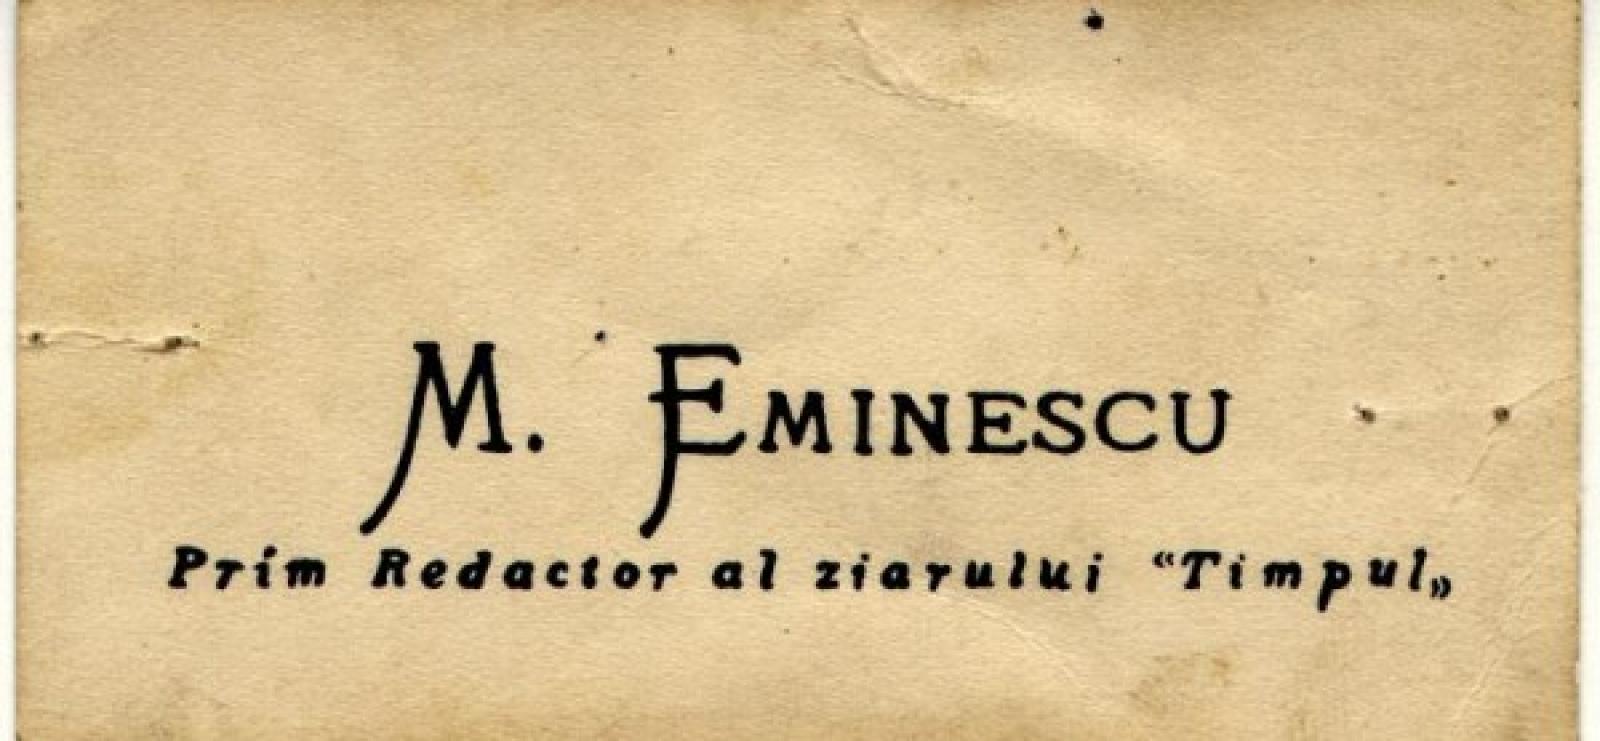 ULTIMUL ARTICOL AL LUI EMINESCU LA ,,TIMPUL